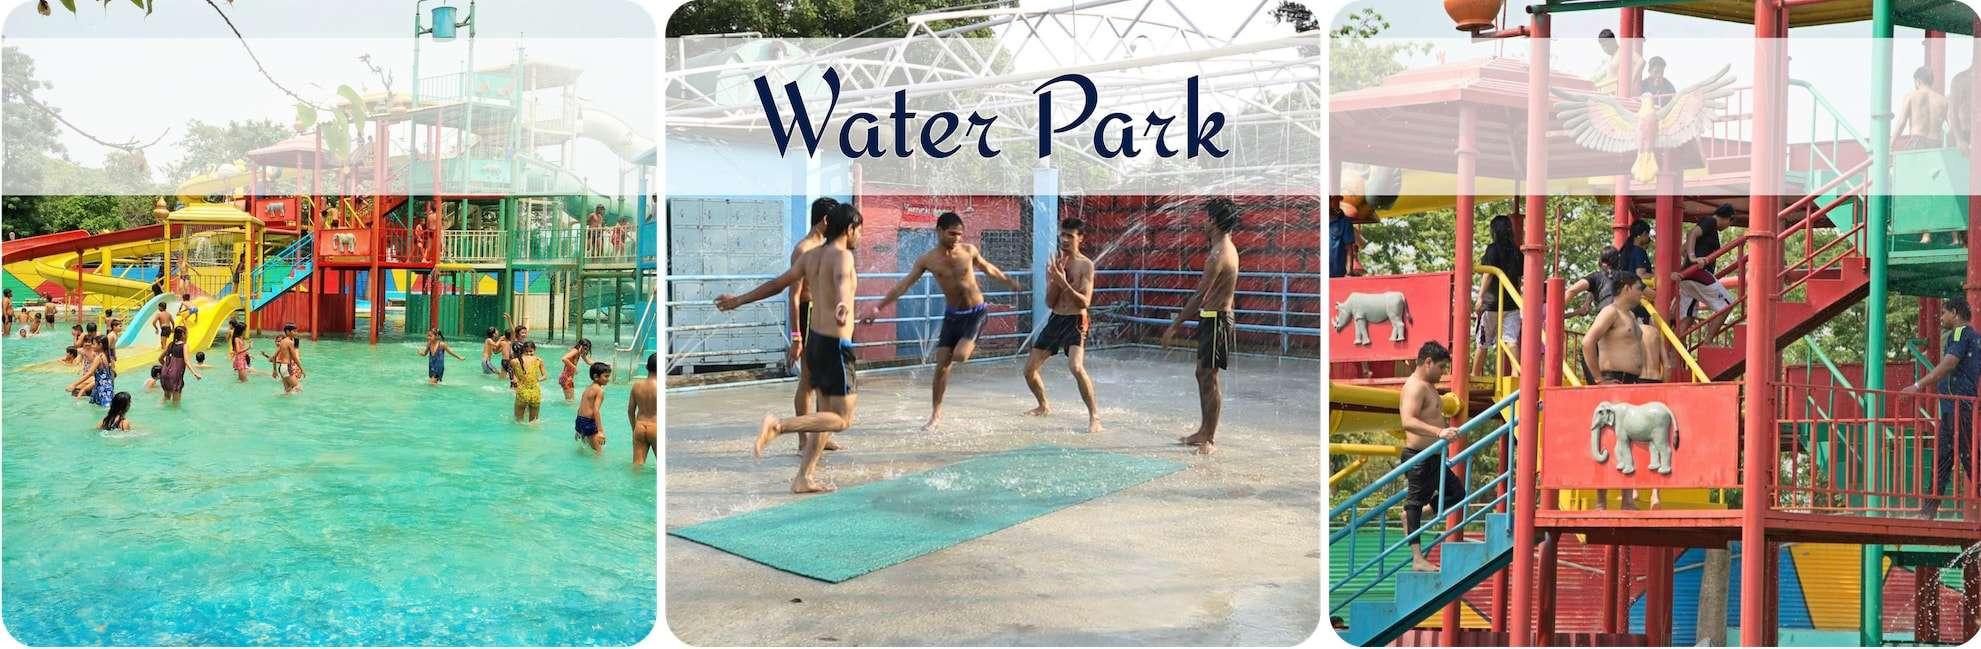 Water-park-delhi-rides.jpg